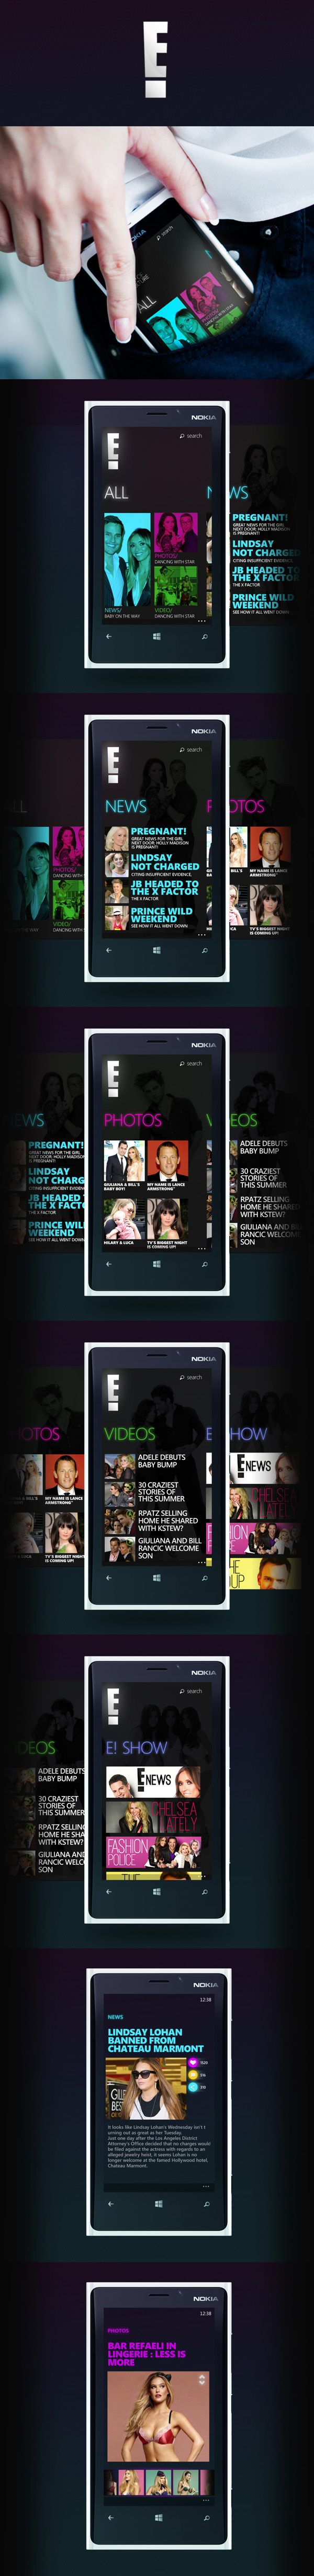 E! Entertainment  - Windows Phone Concept App by Robson Pereira, via Behance